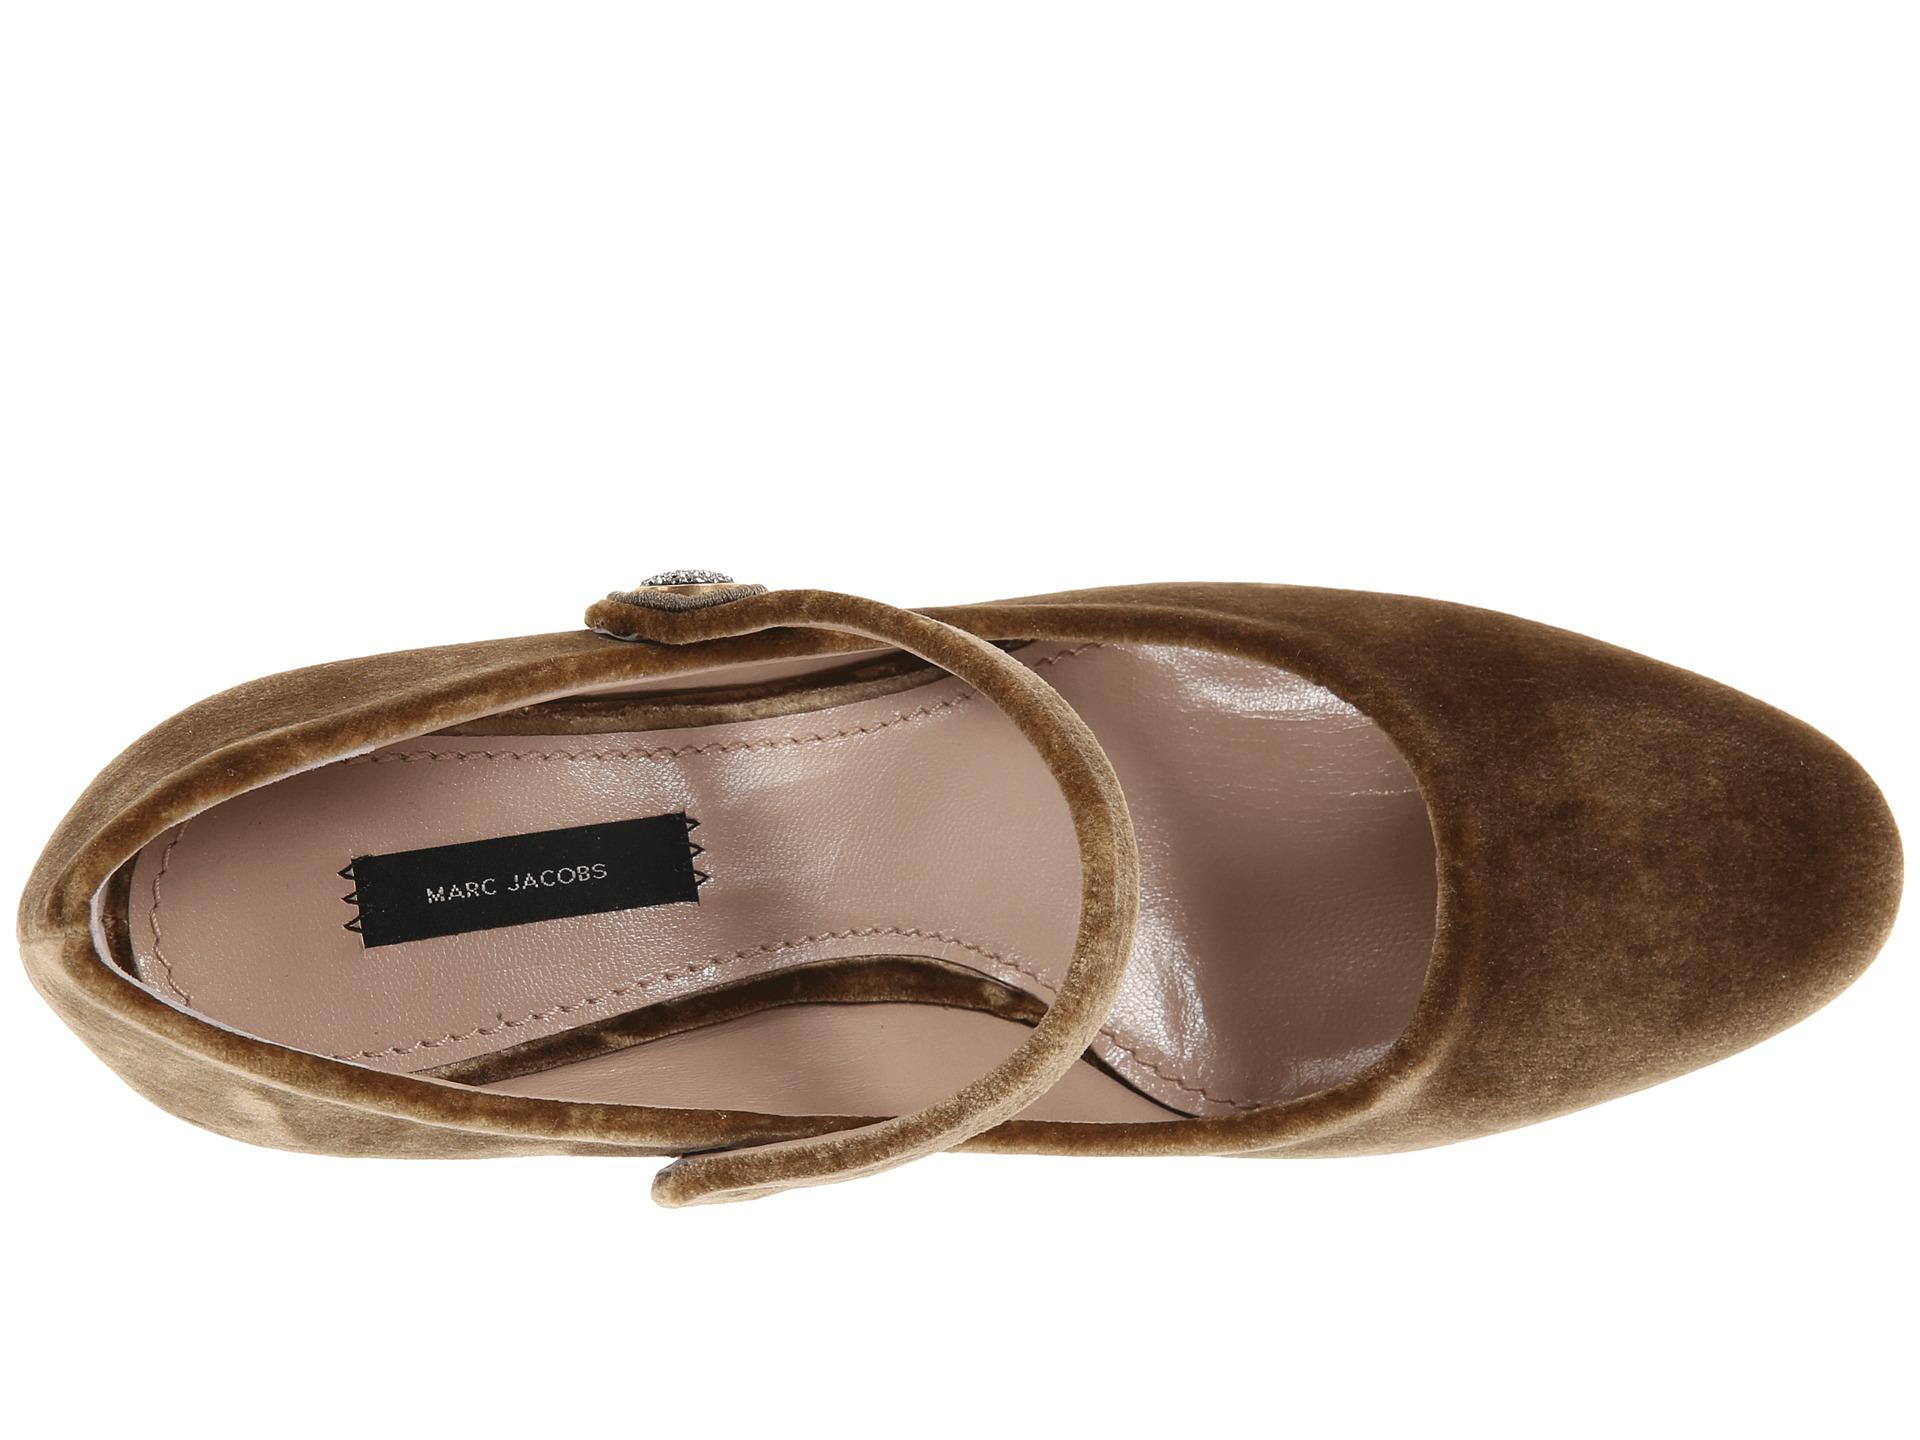 Marc Jacobs Shoe Size Chart